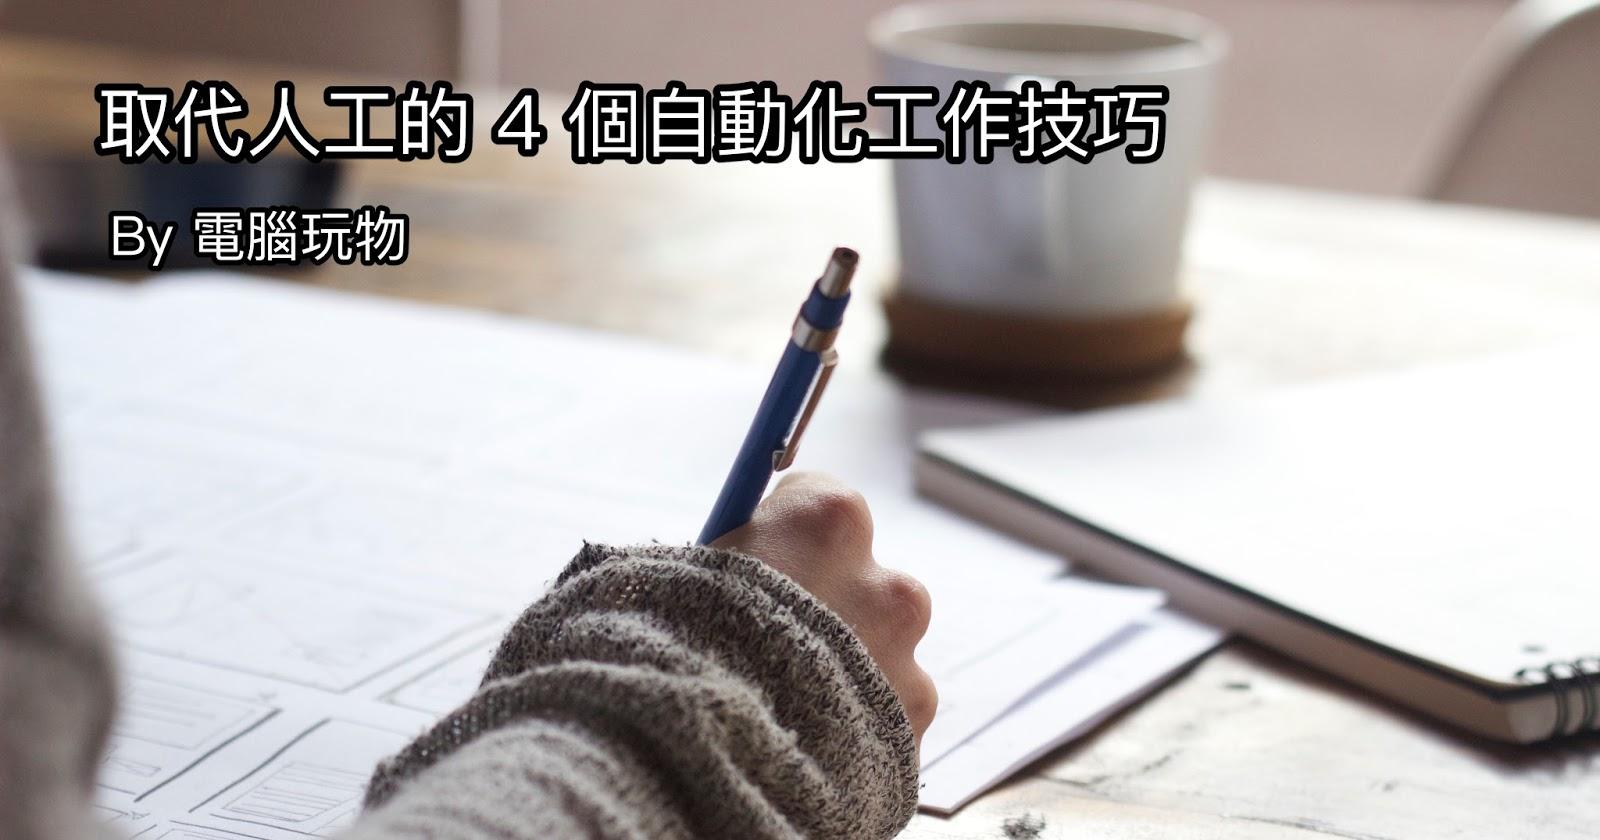 善用 Google 雲端硬碟 4 個自動化功能,節省中文文書處理時間